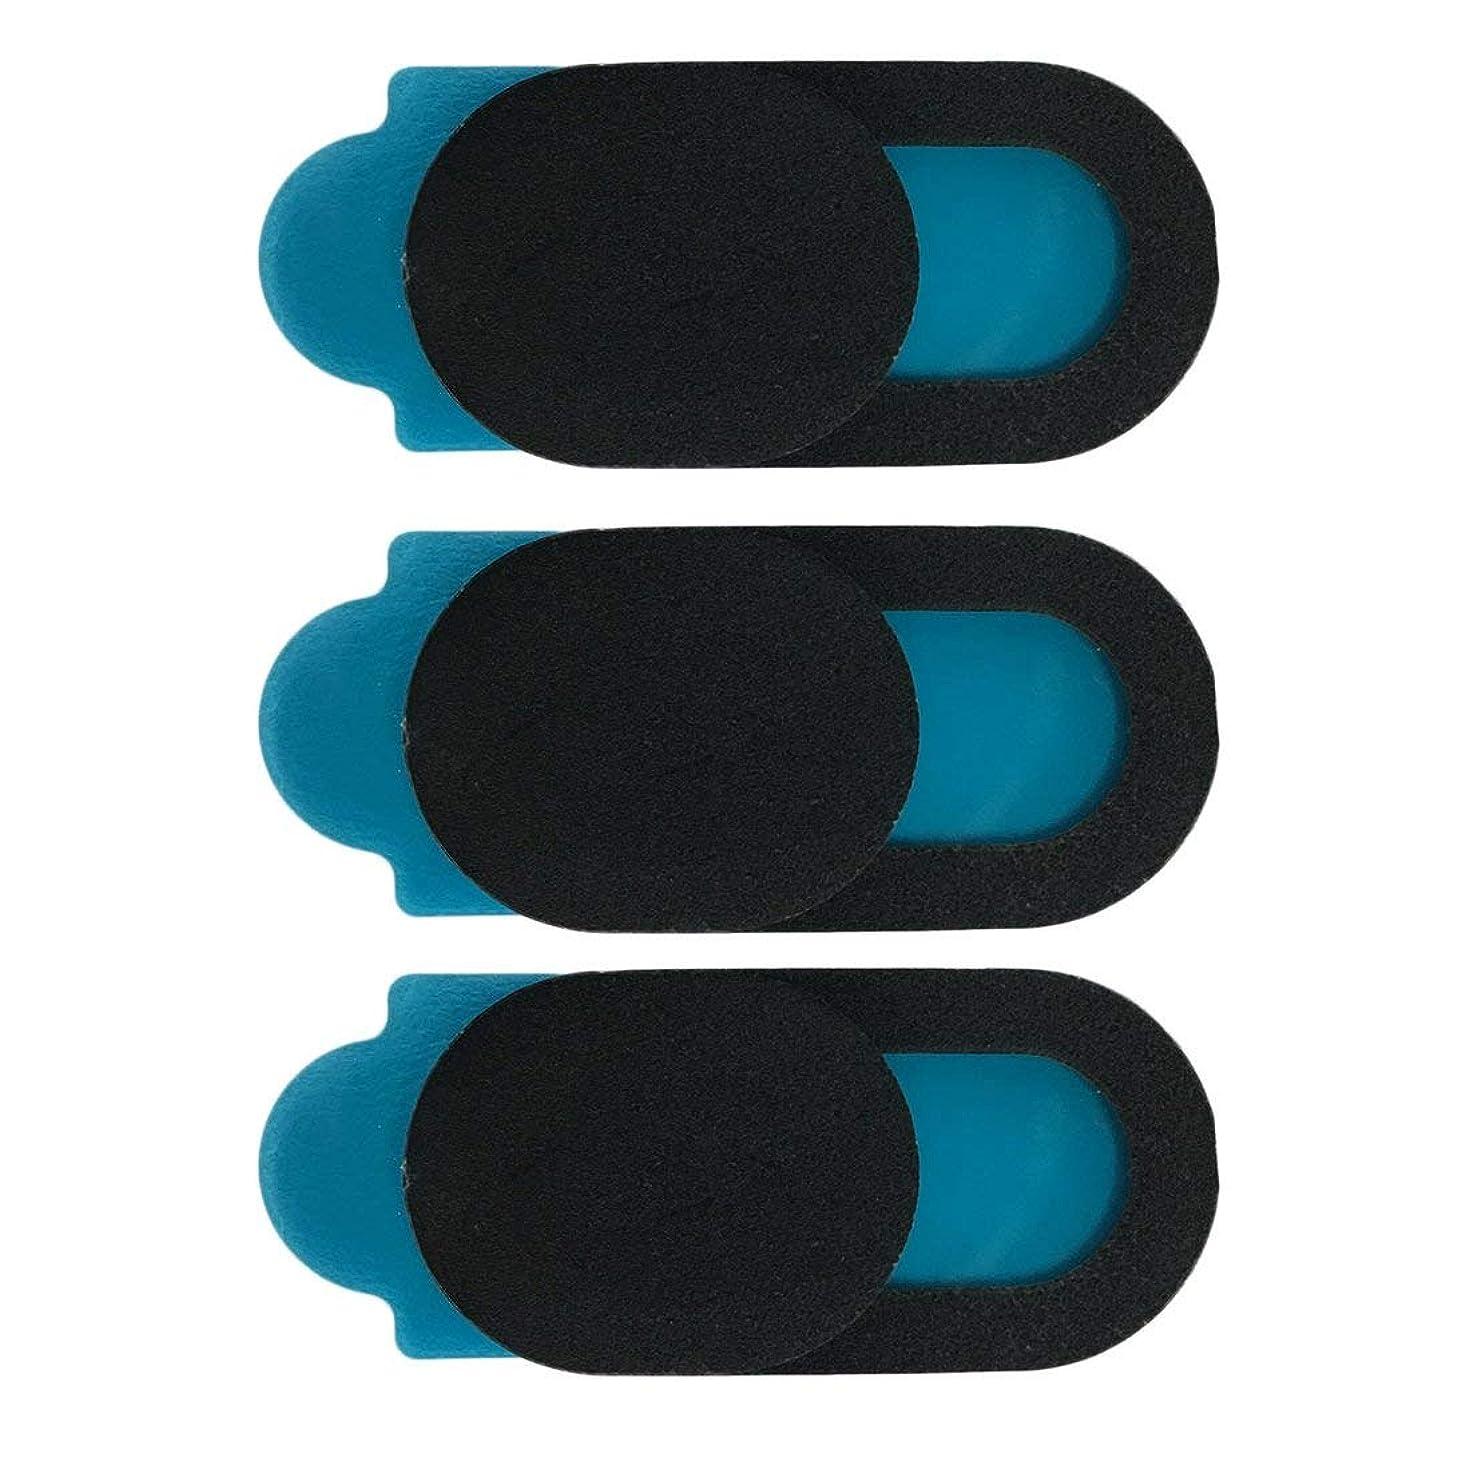 借りる累積プロテスタントSwiftgood T1ブラックウェブカメラカバースマートフォンタブレットラップトップデスクトップ用超薄型ウェブカメラカバープライバシー保護シャッターステッカー